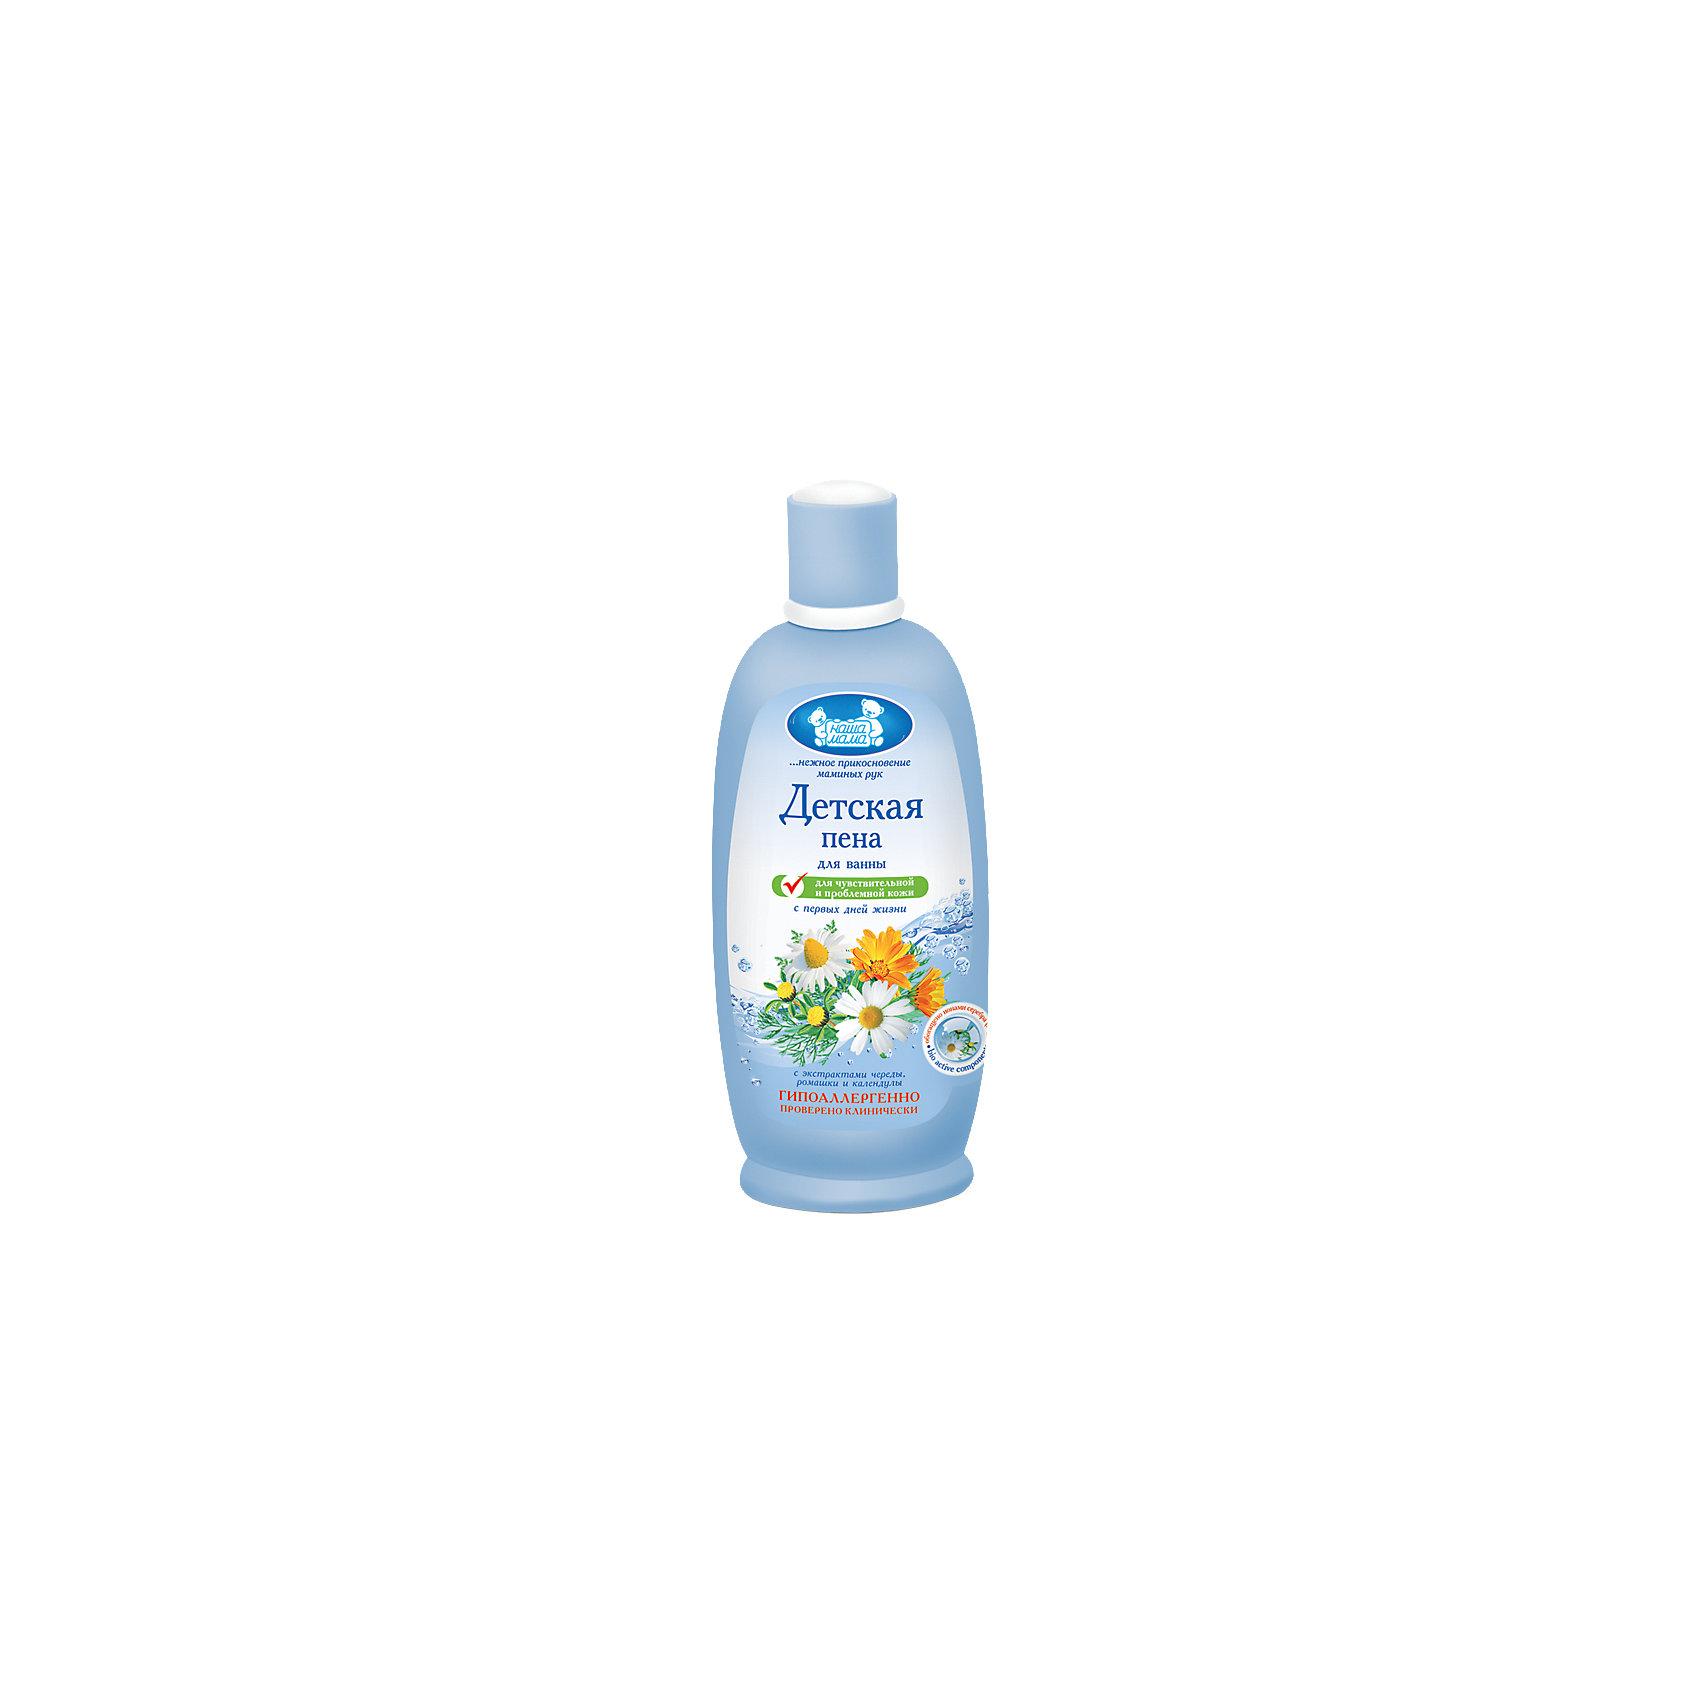 Пена для ванны для чувствительной кожи 500 мл, Наша МамаКосметика для купания<br>Благодаря растительным ПАВ и активному действию экстрактов череды, ромашки и календулы мягкая пена для ванны успокаивает и смягчает кожу малыша. Рекомендуется для детей с особо чувствительной кожей, подверженной частым воспалительным процессам.<br><br>Ширина мм: 45<br>Глубина мм: 80<br>Высота мм: 205<br>Вес г: 520<br>Возраст от месяцев: 0<br>Возраст до месяцев: 36<br>Пол: Унисекс<br>Возраст: Детский<br>SKU: 4124396